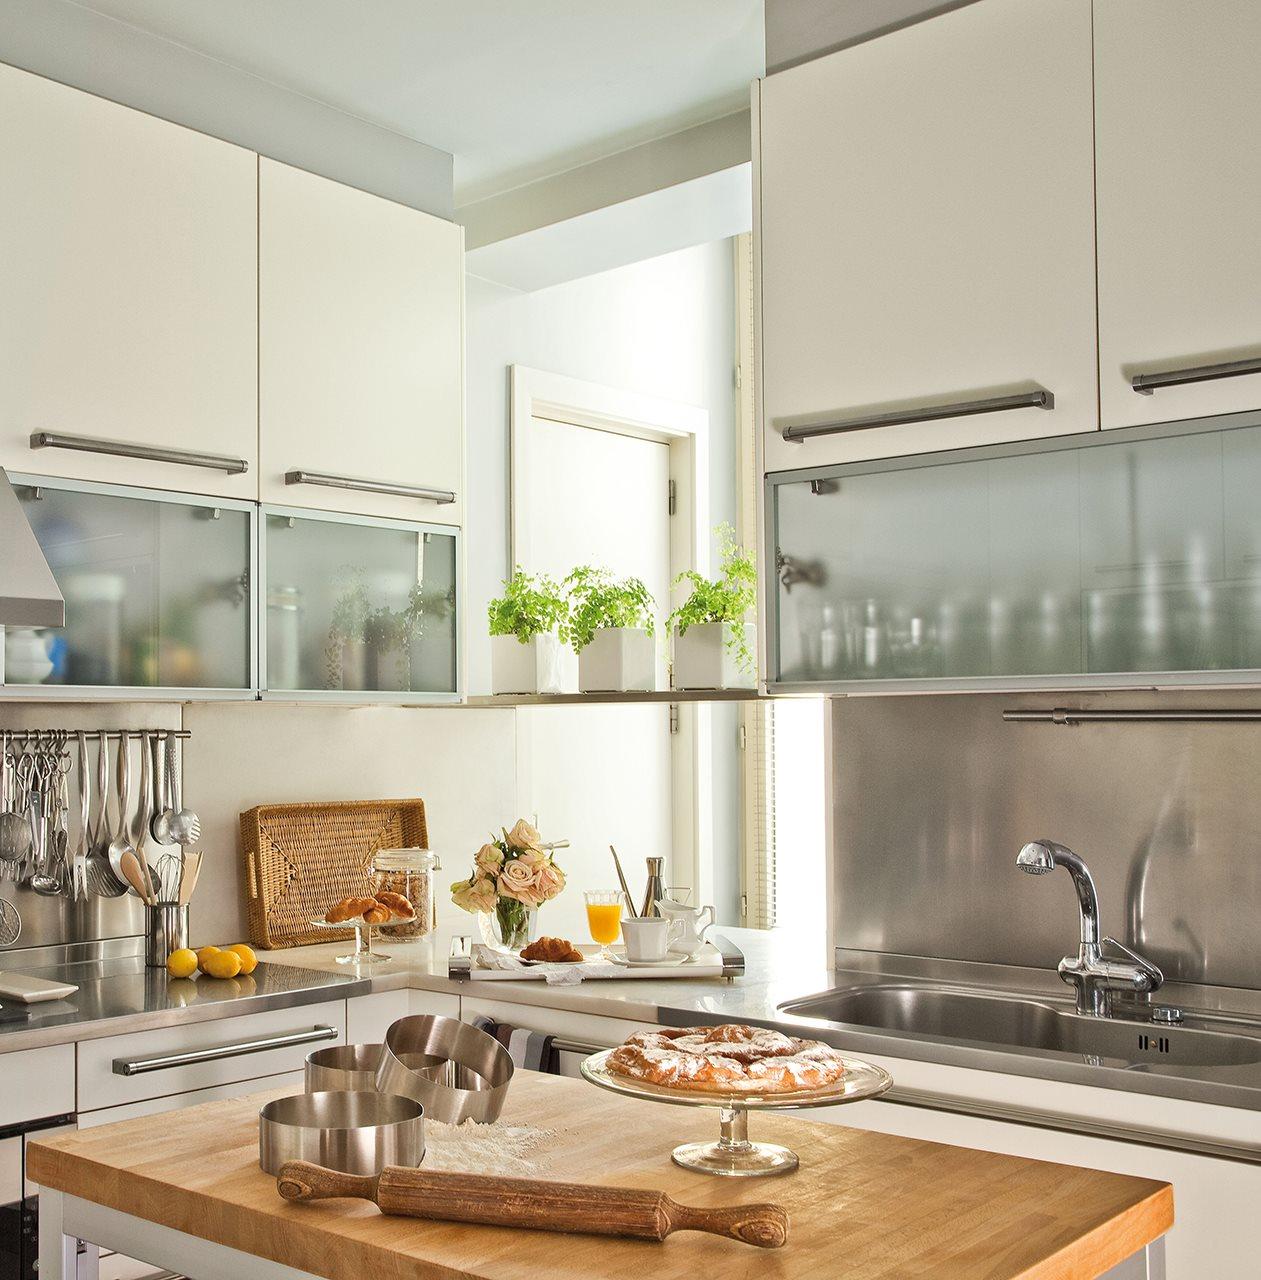 detalle de cocina en blanco con armarios hasta el techo y vitrinas